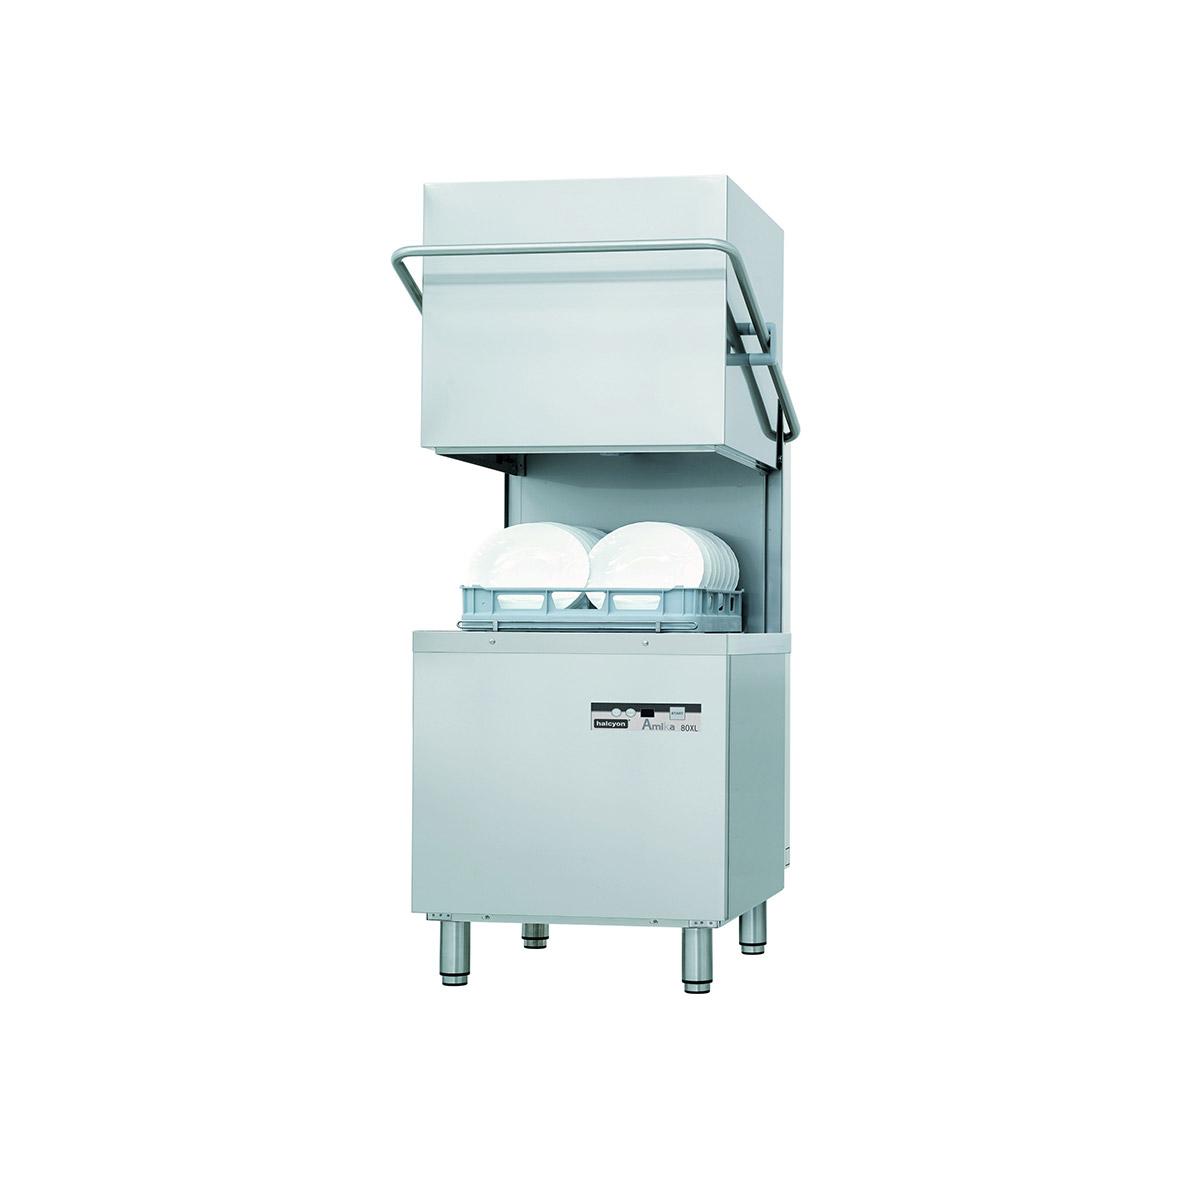 Maidaid Halcyon Amika Passthrough Dishwasher AM80XL